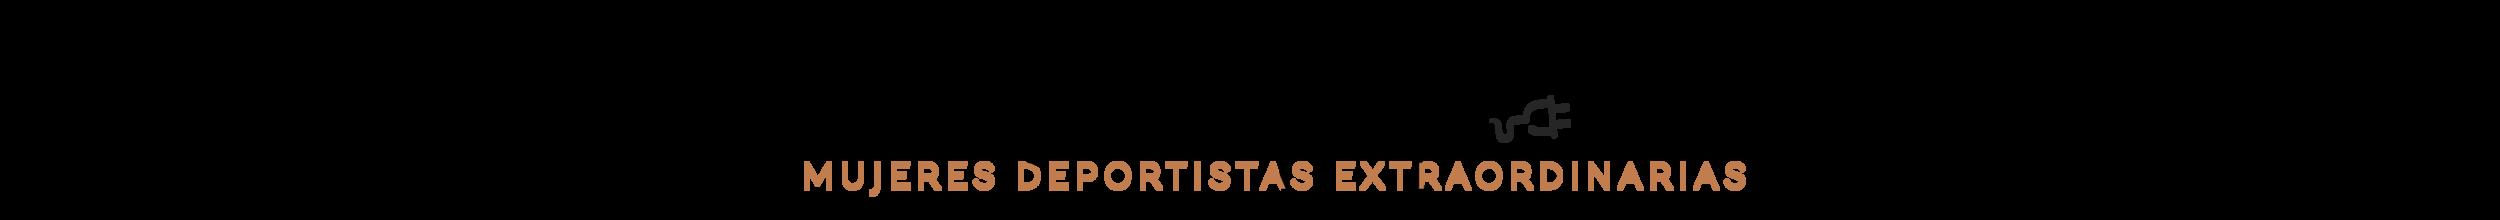 imagenes-web-bloggever-intuasturias-2019-15.png